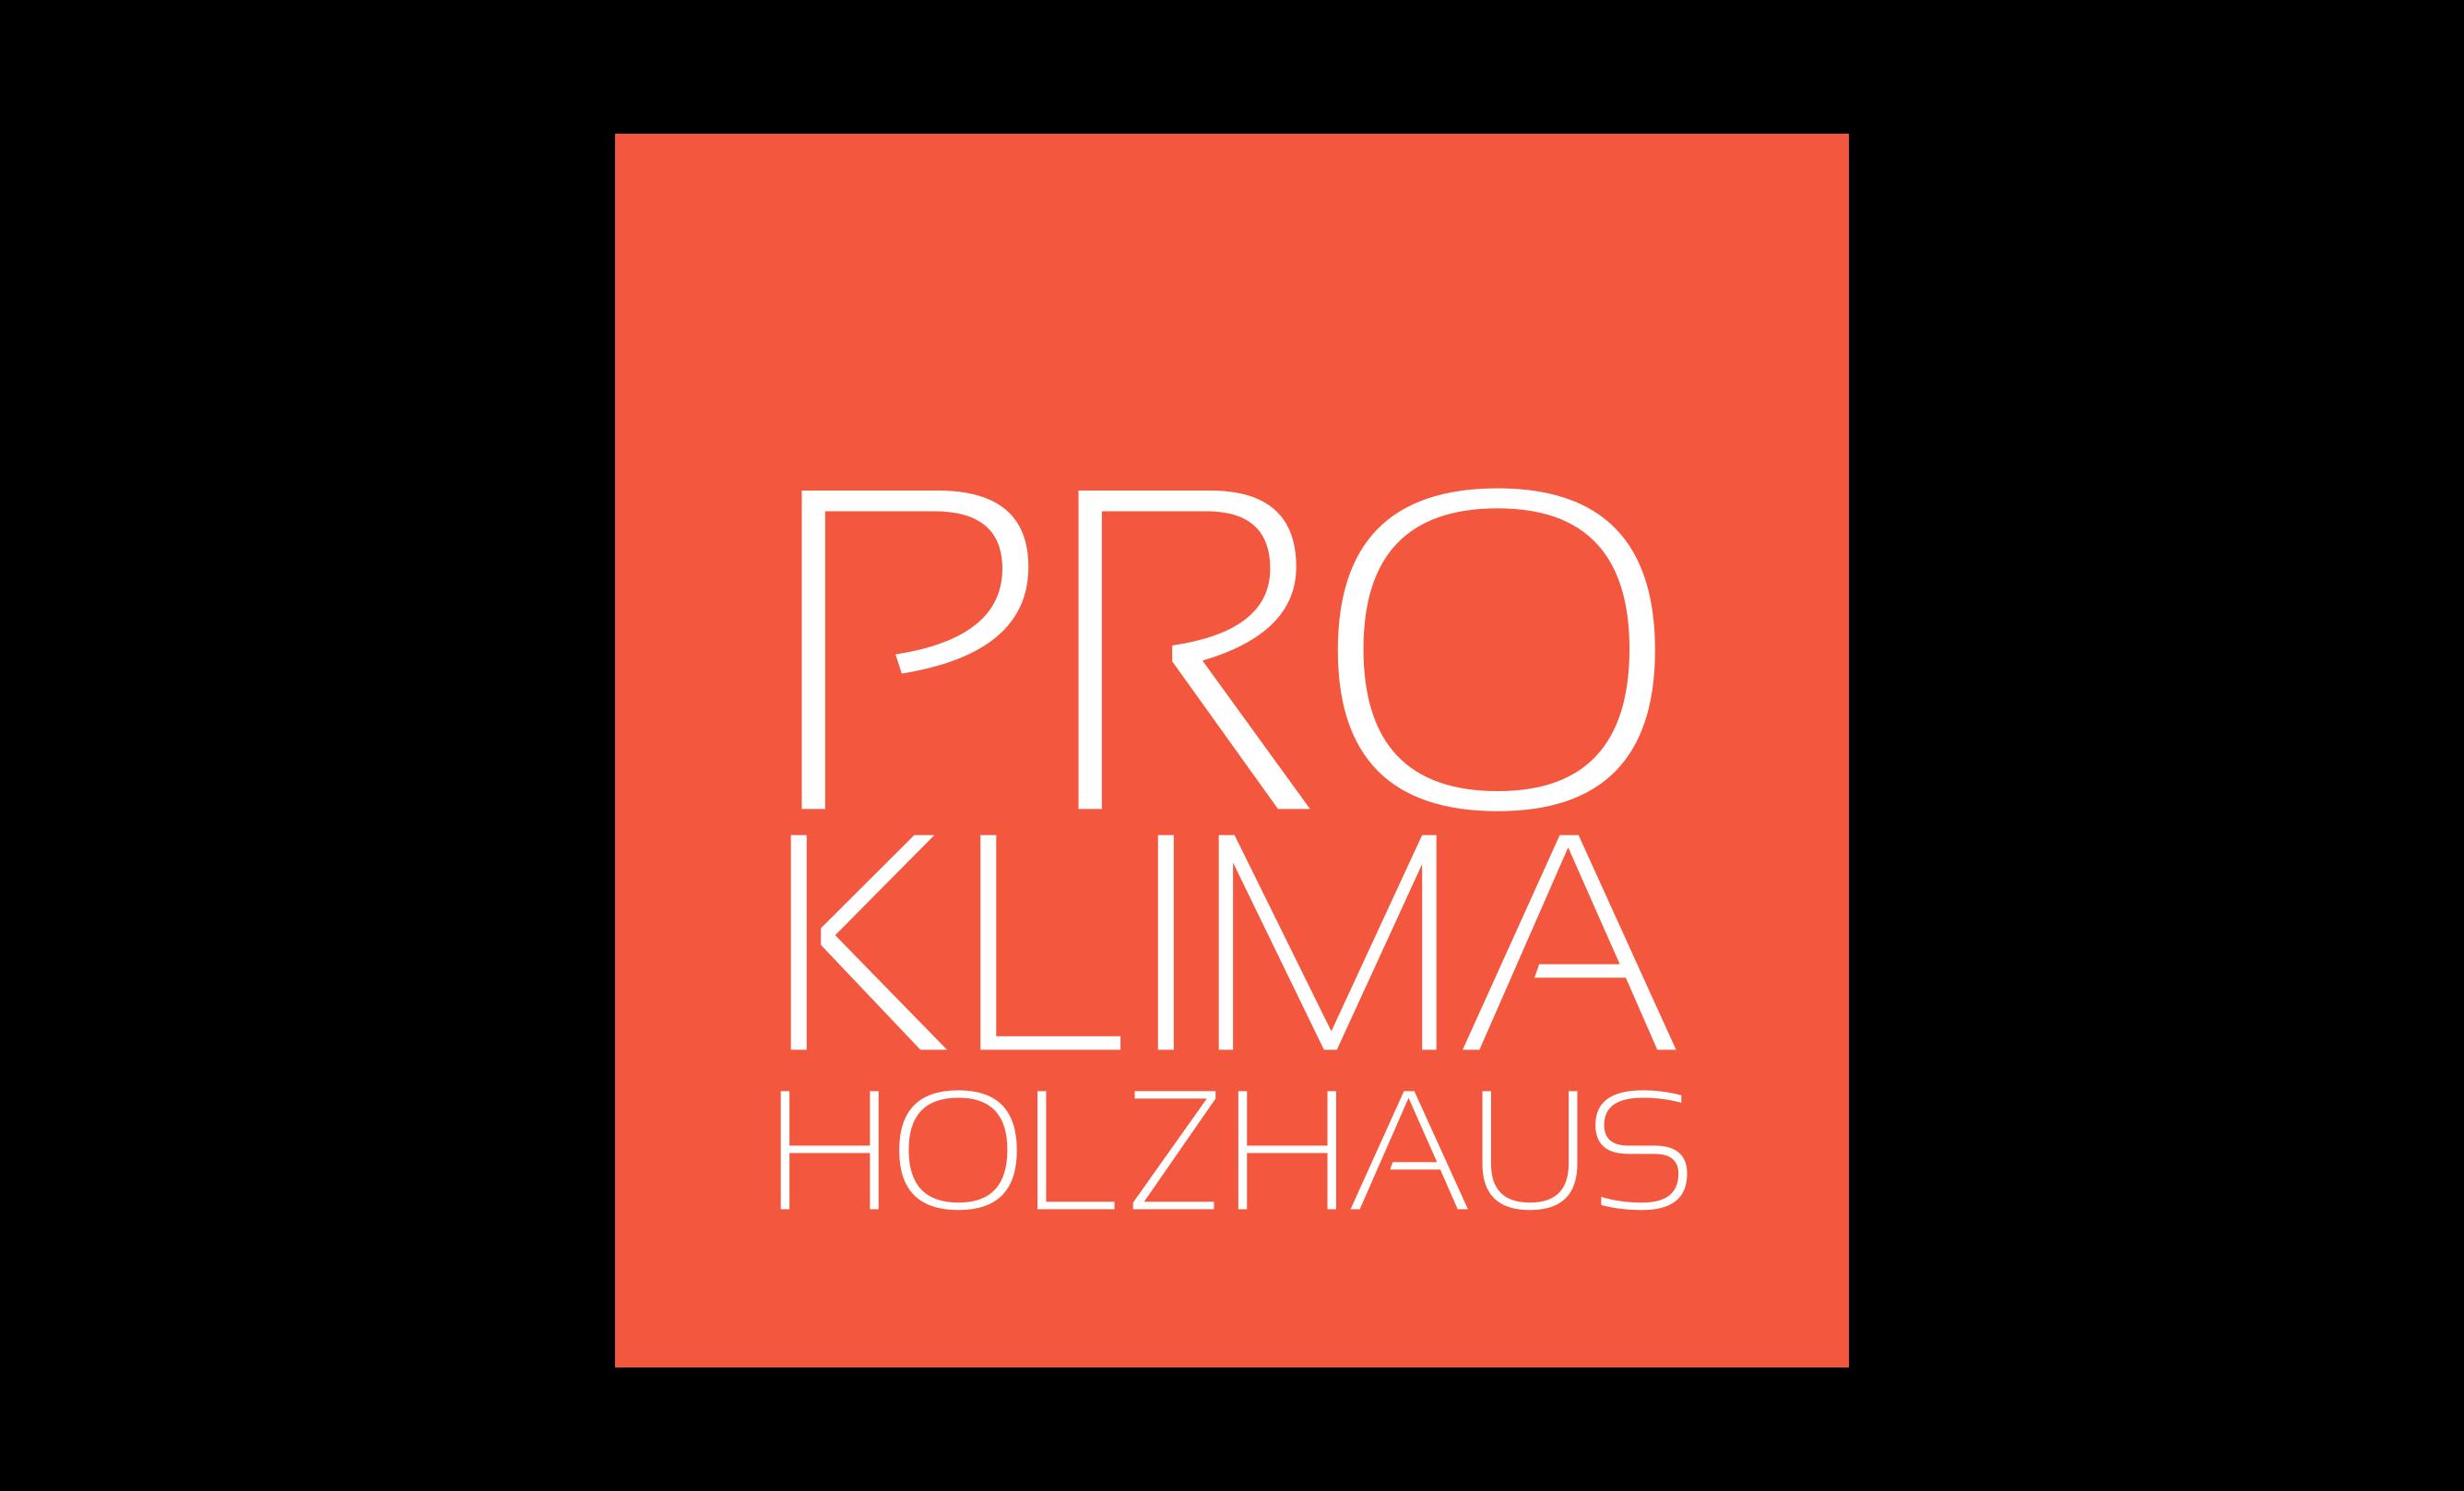 Pro Klima Holzhaus